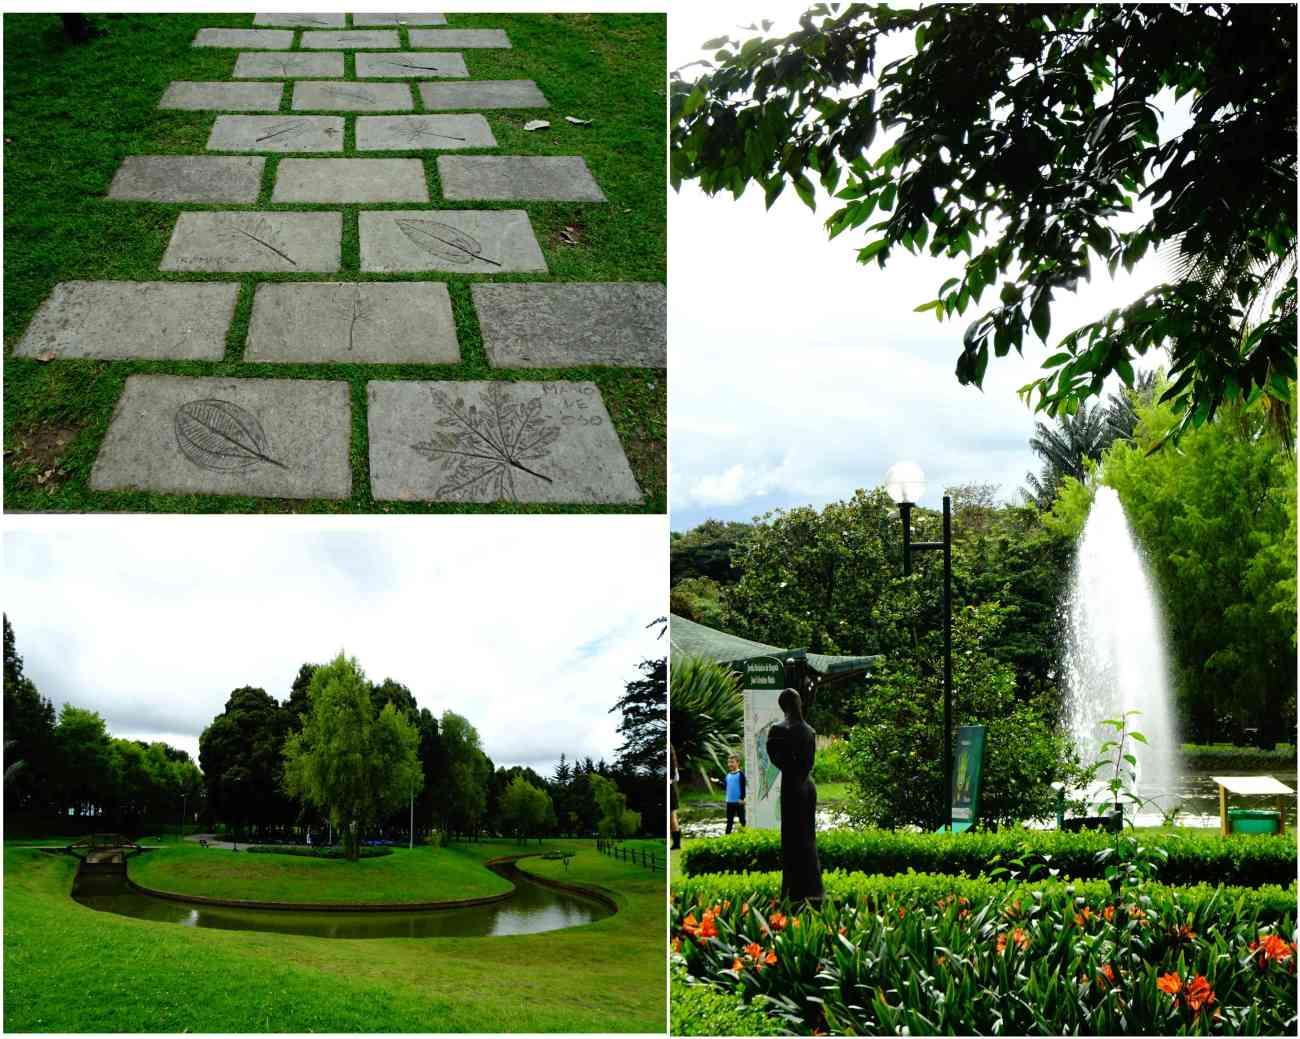 Bogota_jardinbotanico1